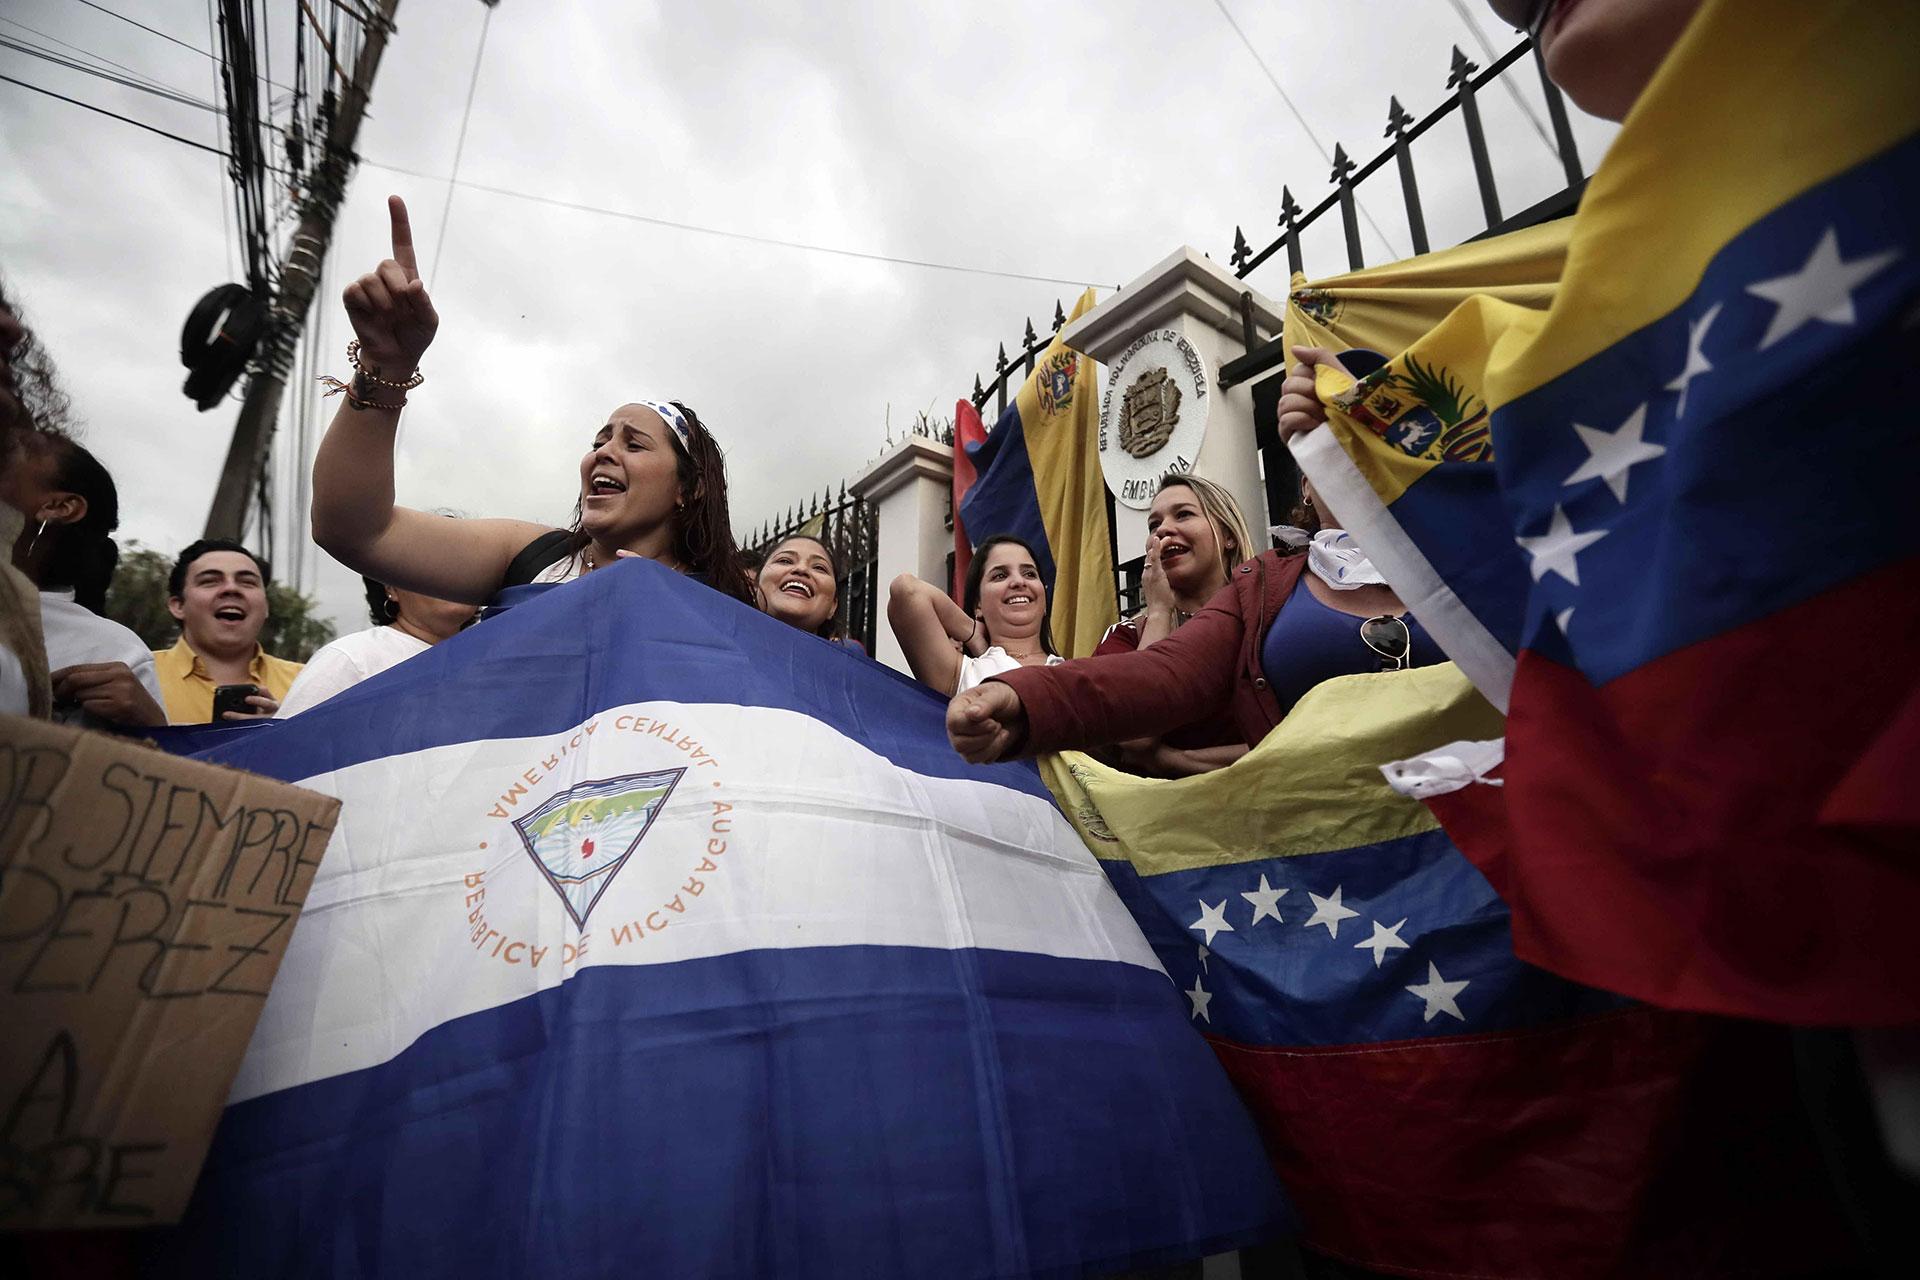 Decenas de personas entre ellos venezolanos y nicaragüenses se reunieron el martes en la embajada de Venezuela en San José, Costa Rica, para mostrar su apoyo a Guaidó, quien llamó a volcarse a las calles para exigir el cese del Gobierno de Nicolás Maduro